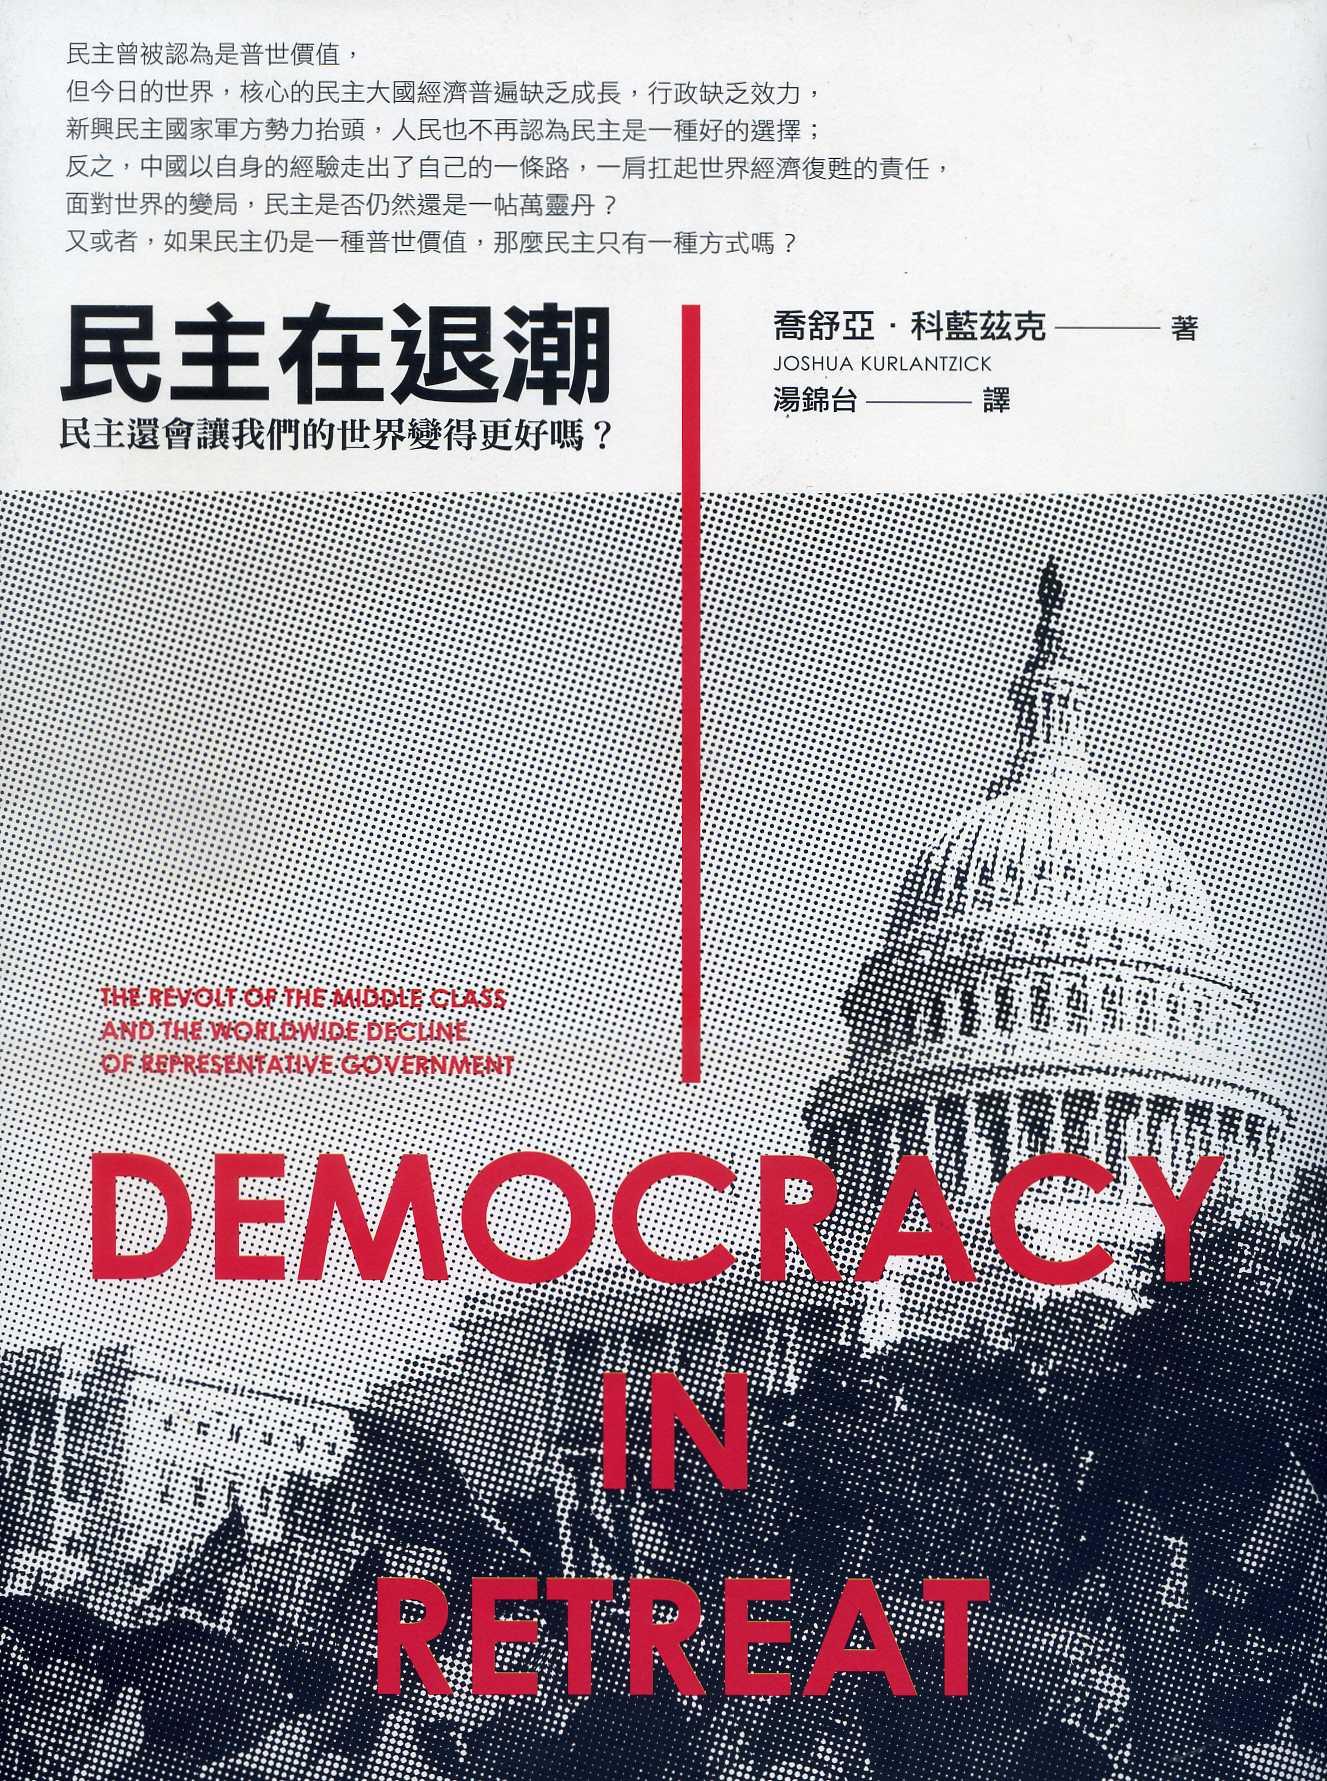 民主在退潮 : 民主還會讓我們的世界變得更好嗎?  喬舒亞.科藍茲克(Joshua Kurlantzick)著 ; 湯錦台譯